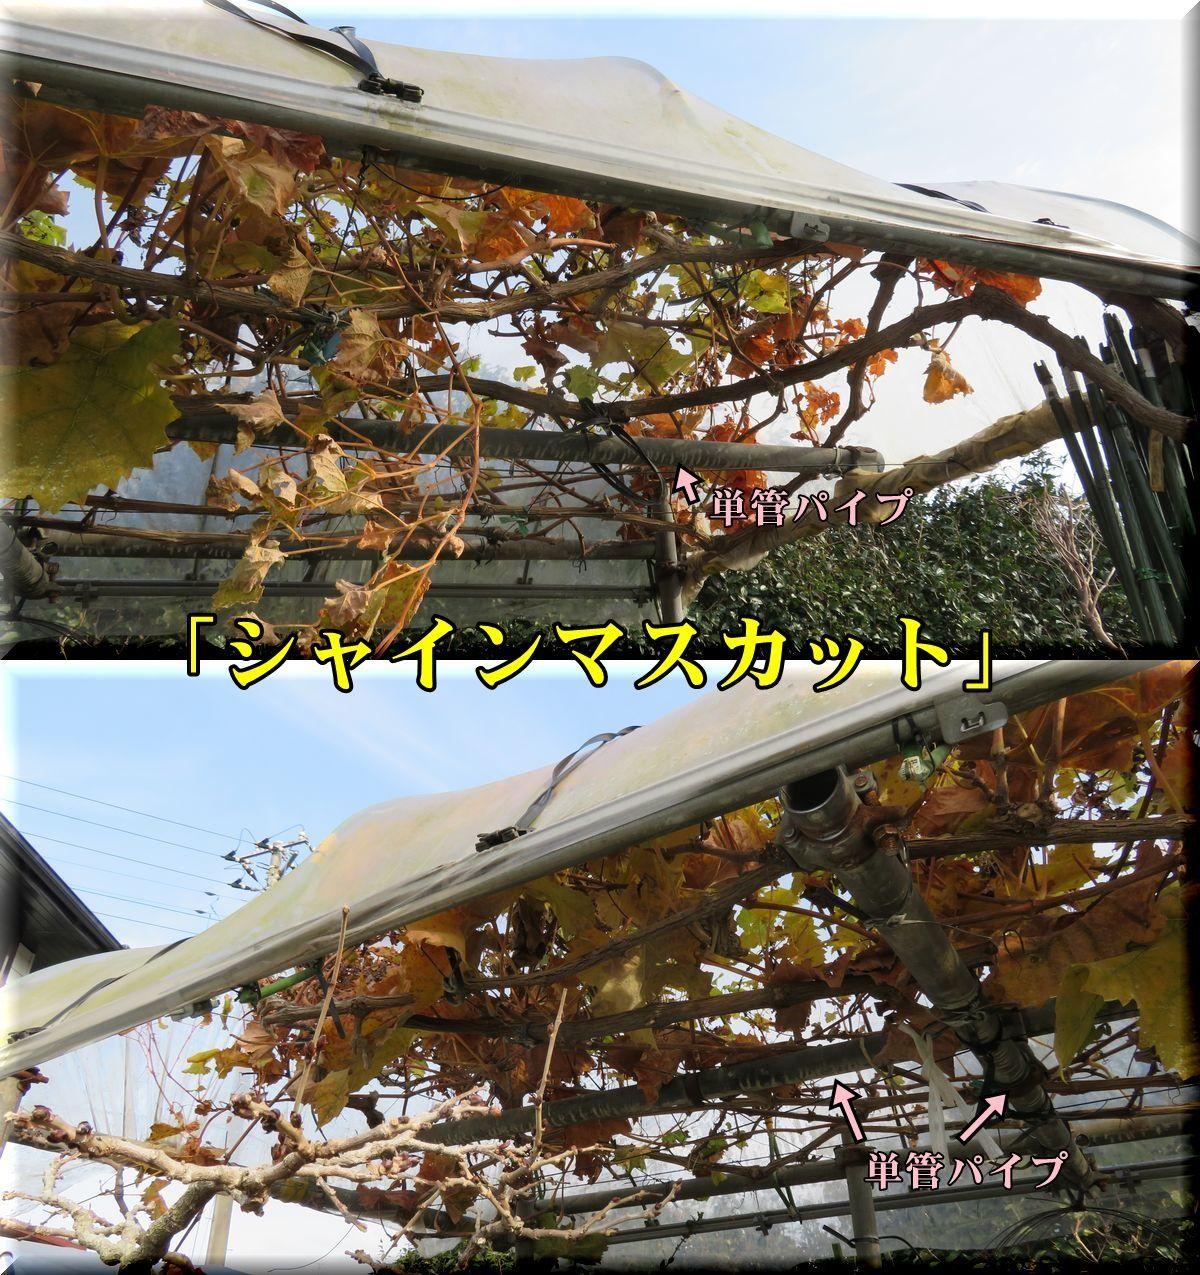 1syainM171224_002.jpg